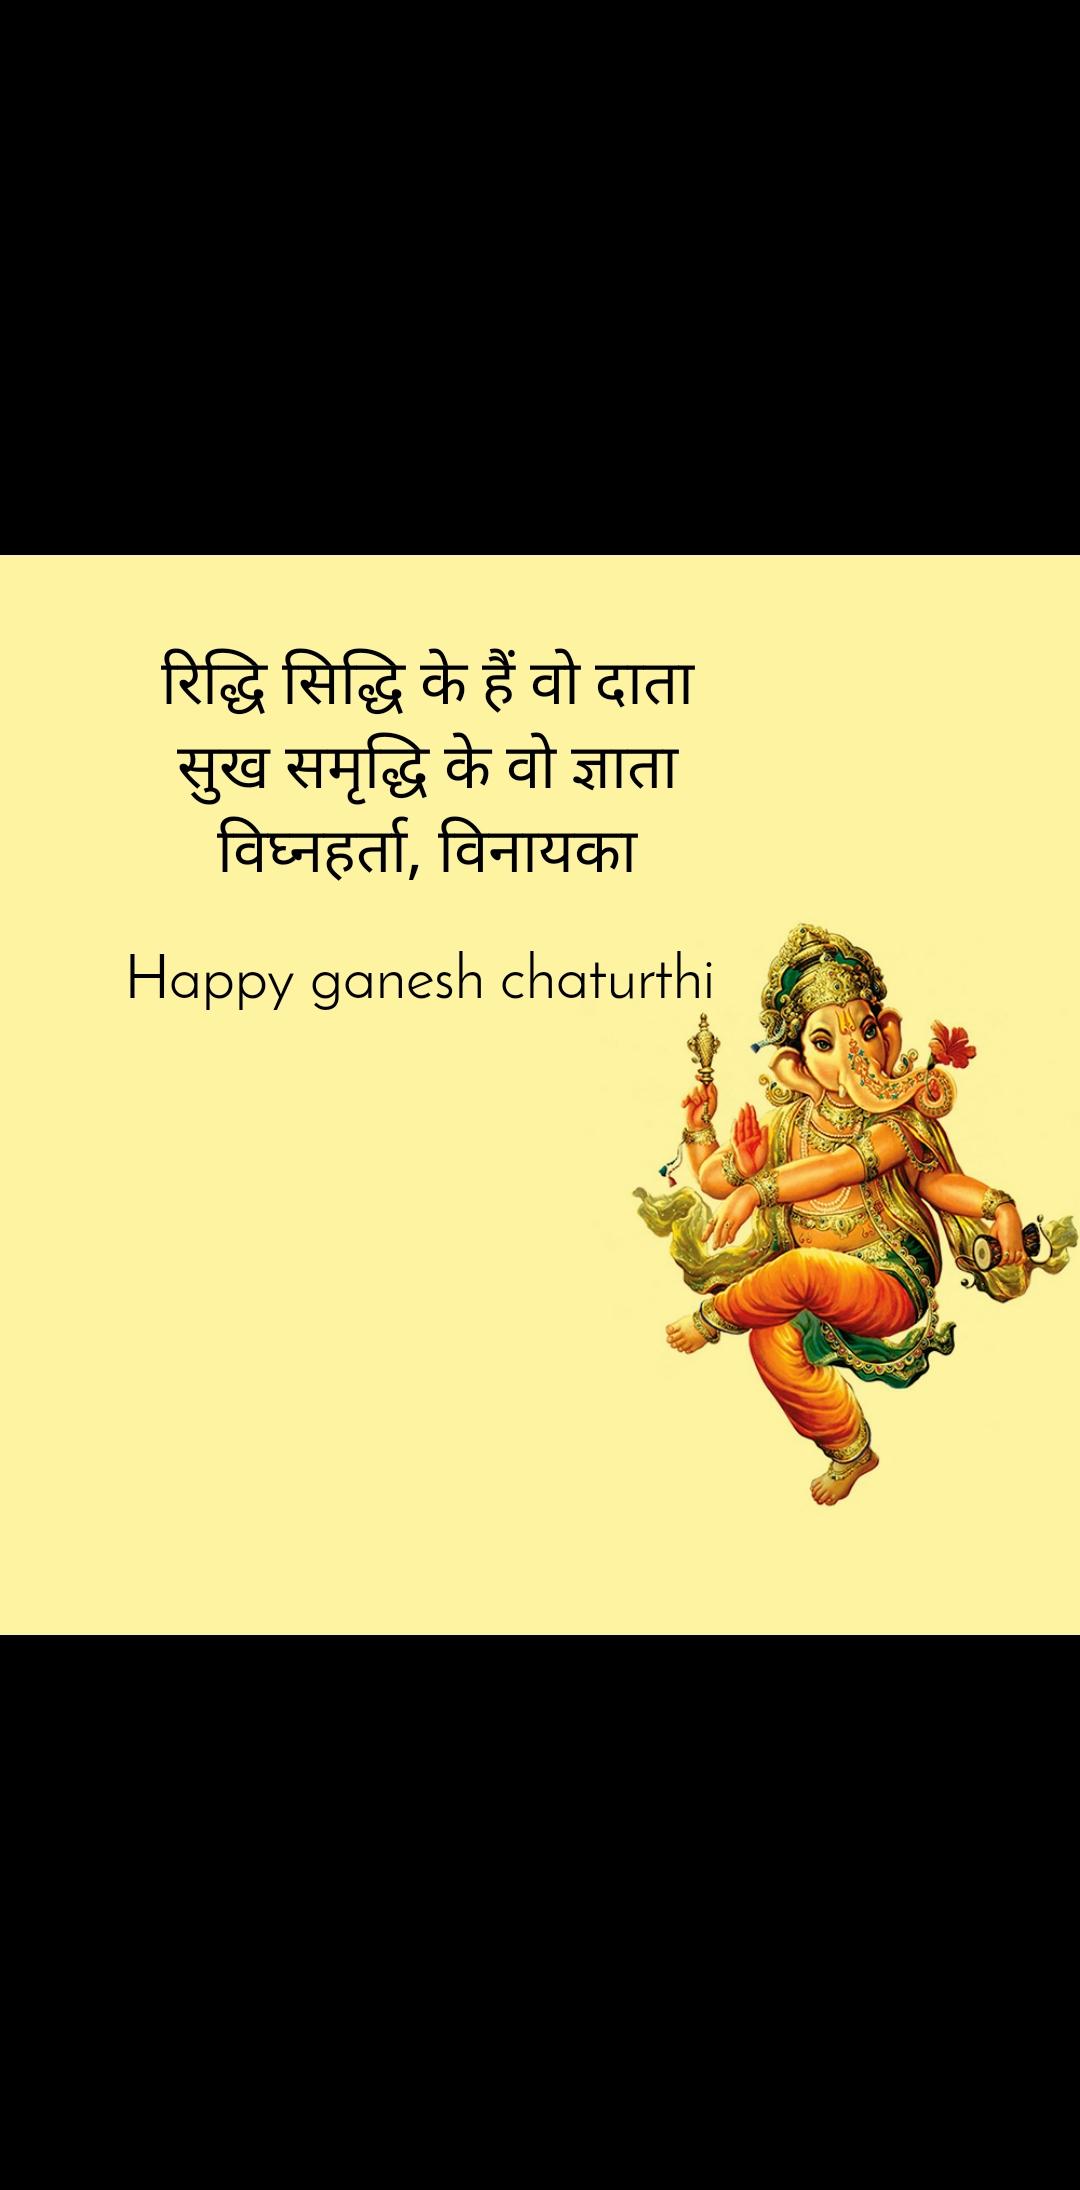 रिद्धि सिद्धि के हैं वो दाता सुख समृद्धि के वो ज्ञाता विघ्नहर्ता, विनायका  Happy ganesh chaturthi